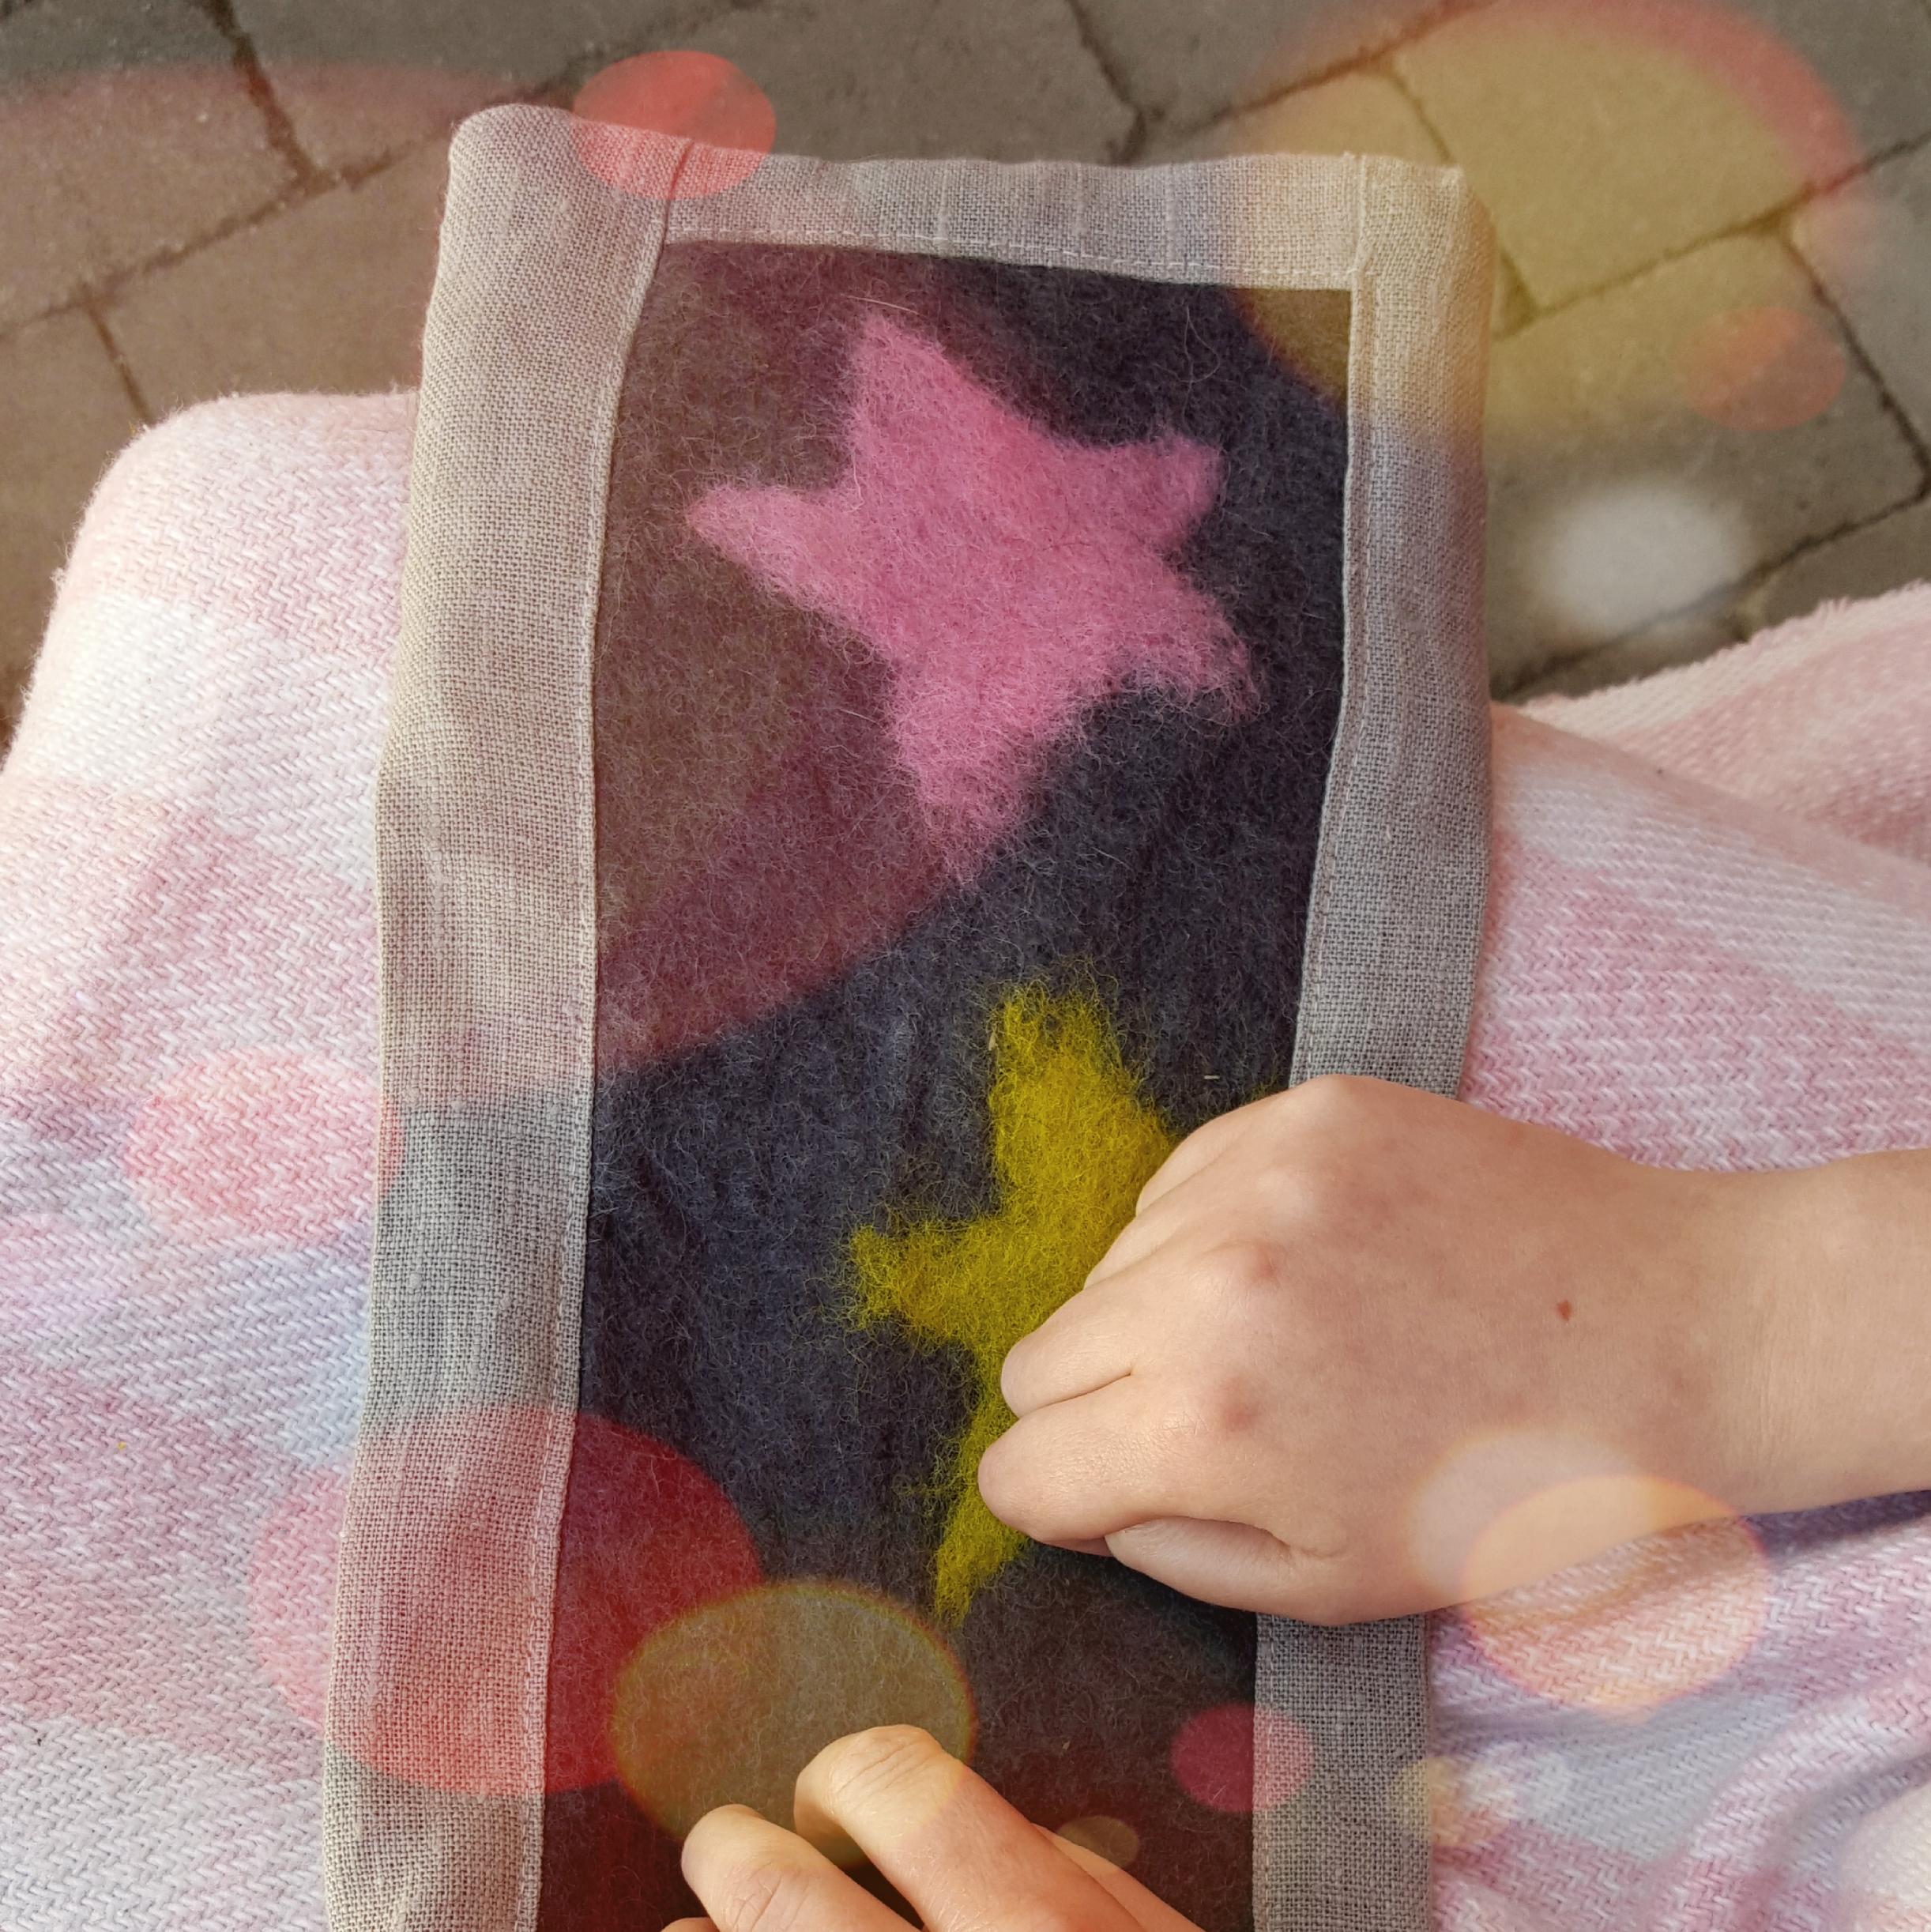 Tovad grytlapp med stjärnor i gult och rosa på mörkbotten. Grytlappen har en kant i oblekt linnetyg.